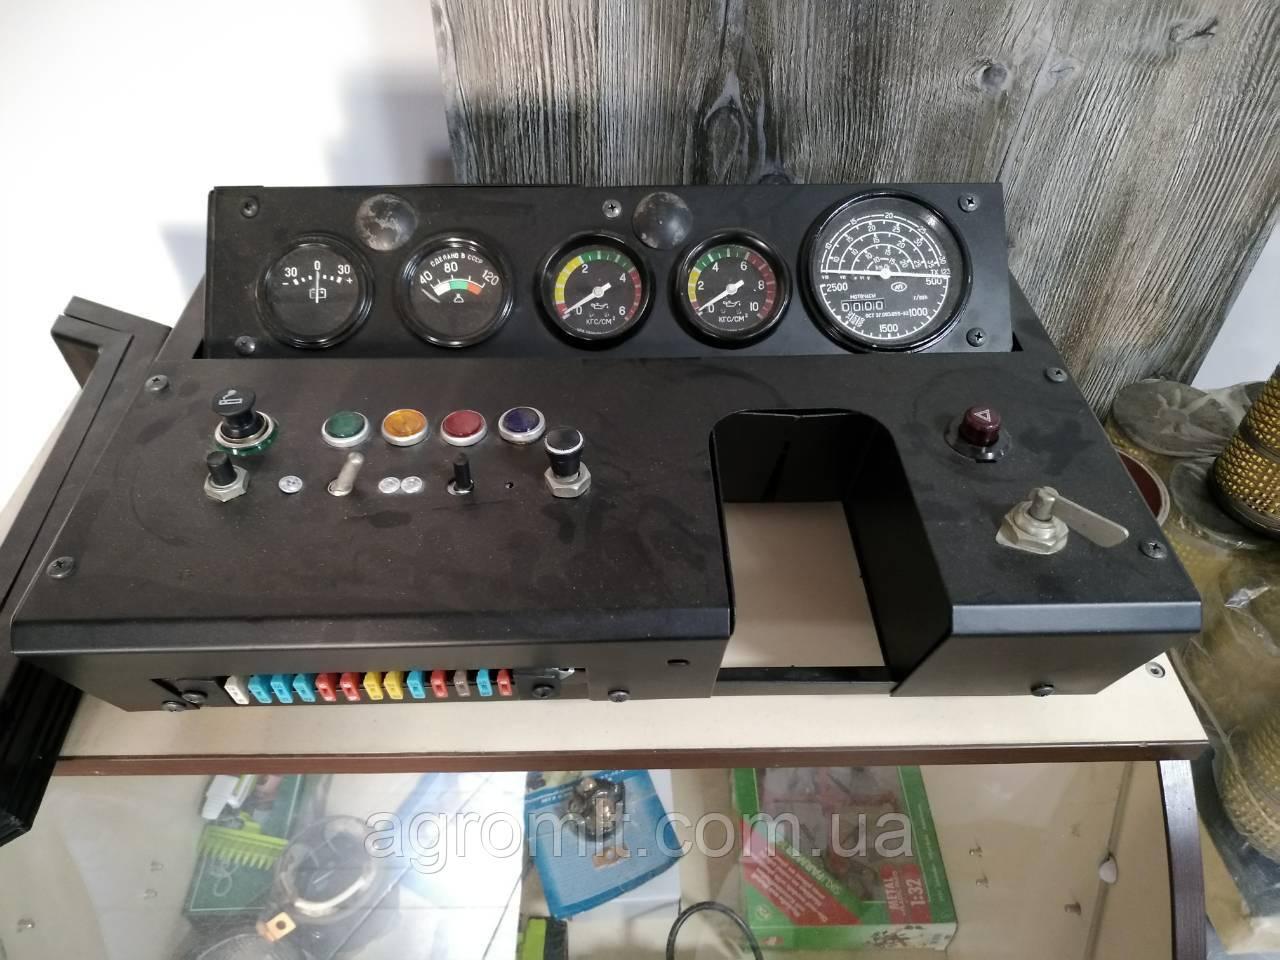 Щиток (панель приборов) приборов кабины МТЗ-80/82 старого образца